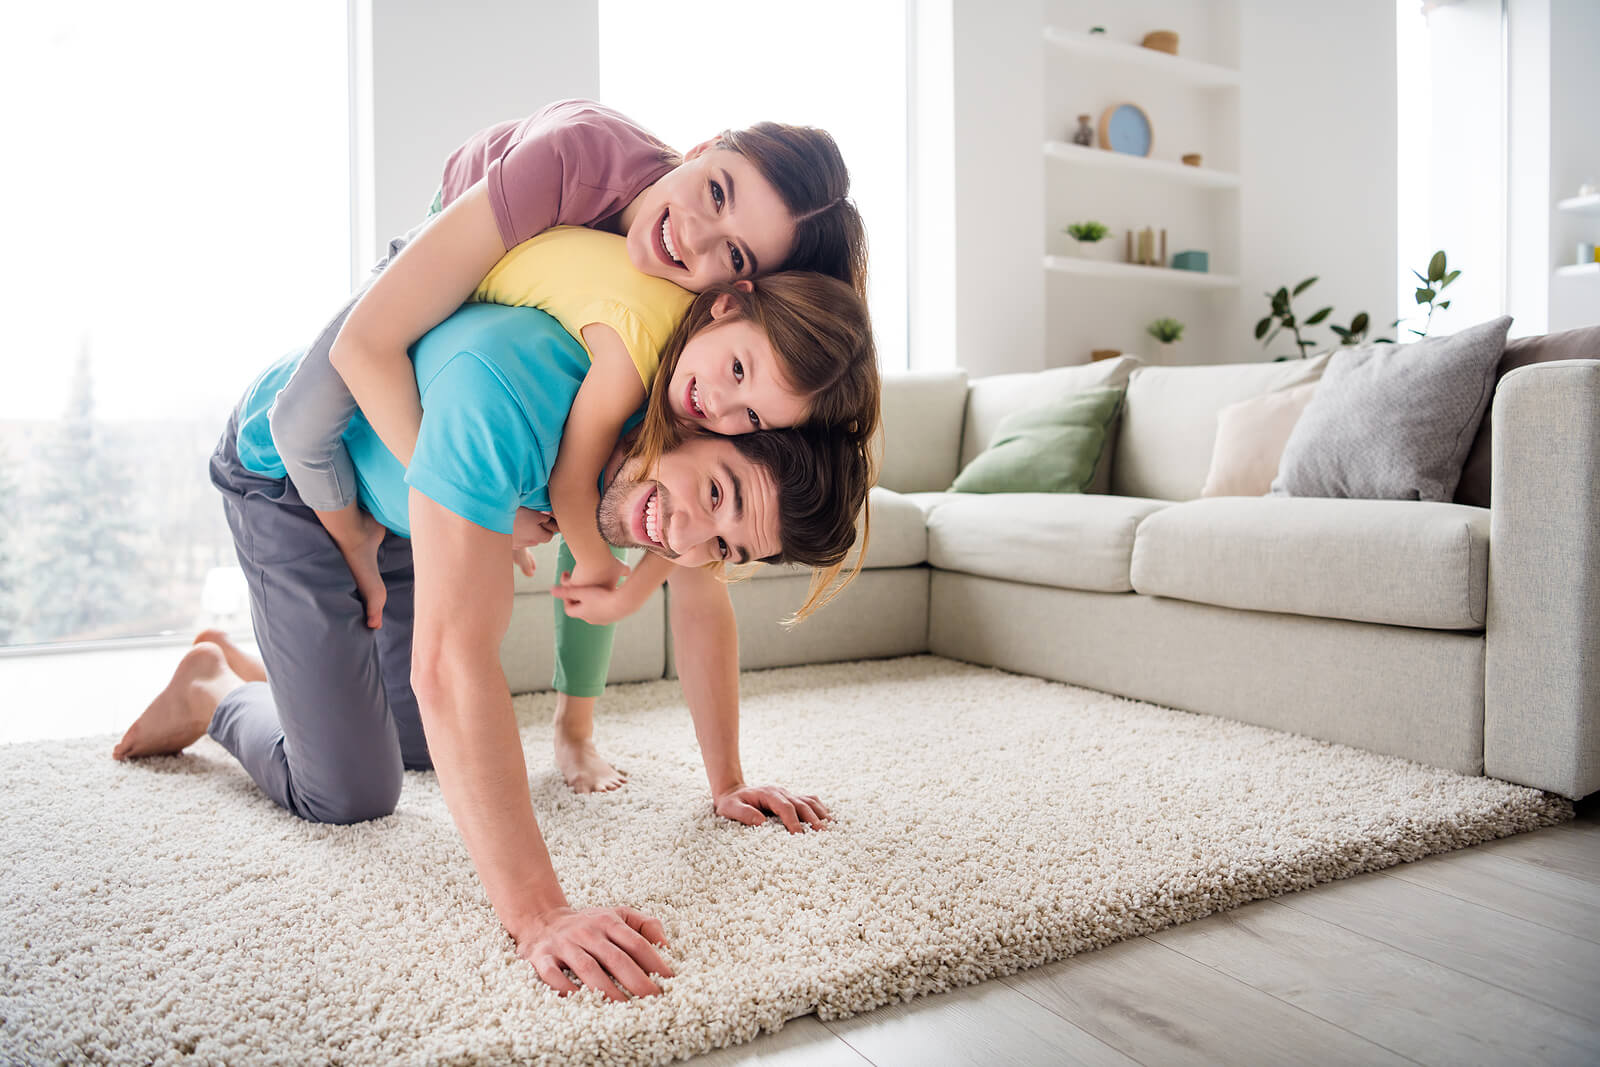 Familia en el salón de casa pensando en ideas para aumentar la actividad física de los niños en casa